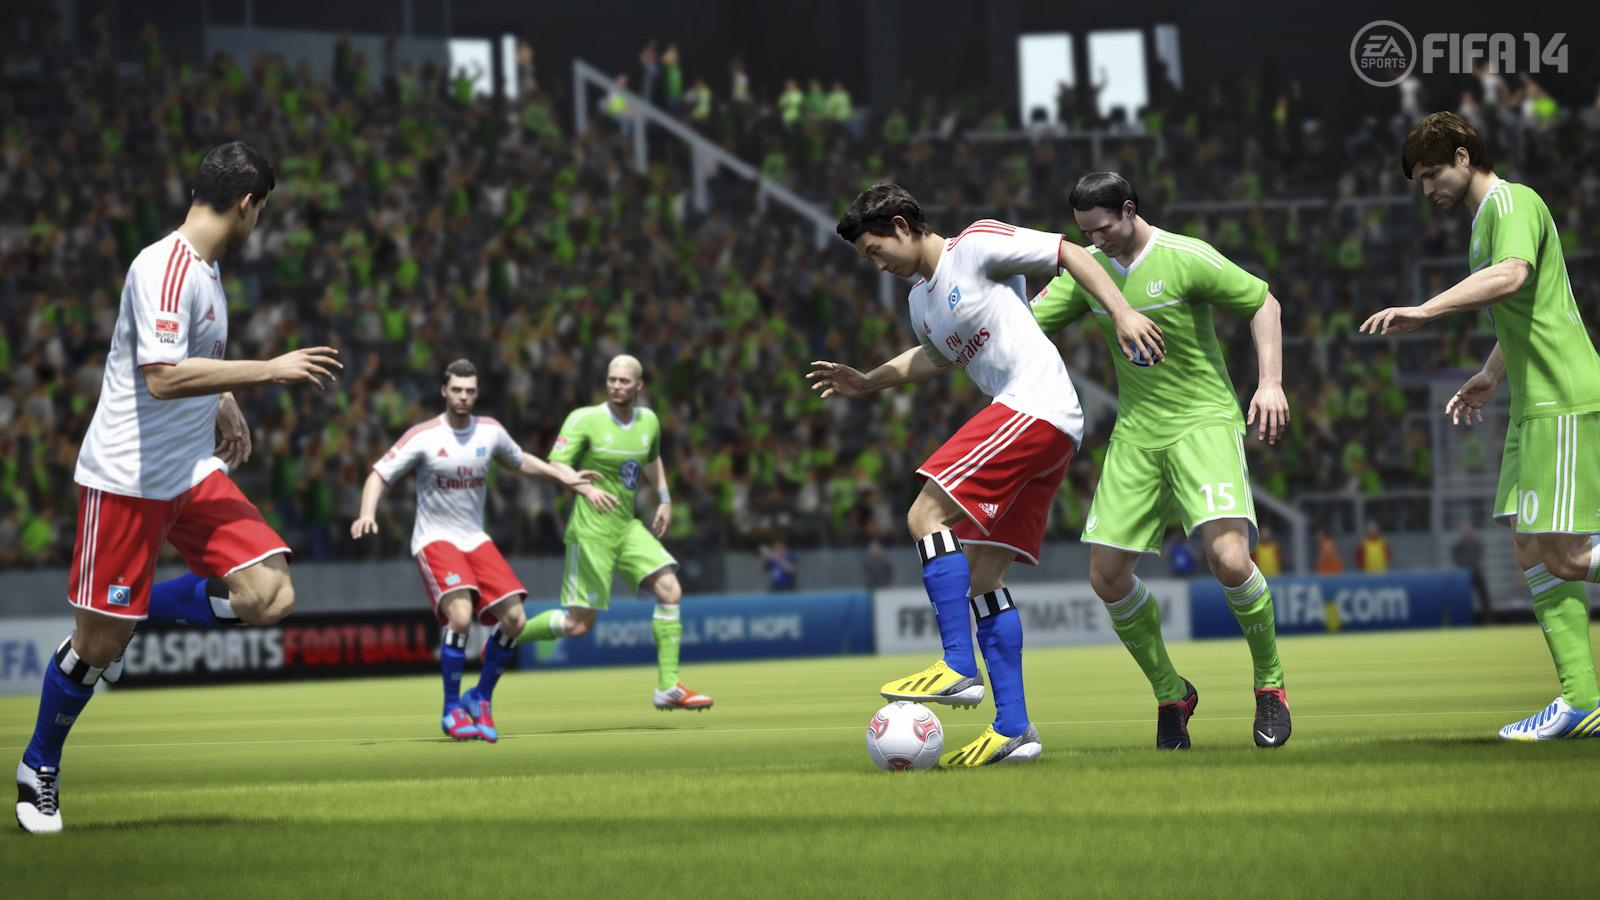 FIFA 14-Recensione-Multiyplayer-XBOX 360